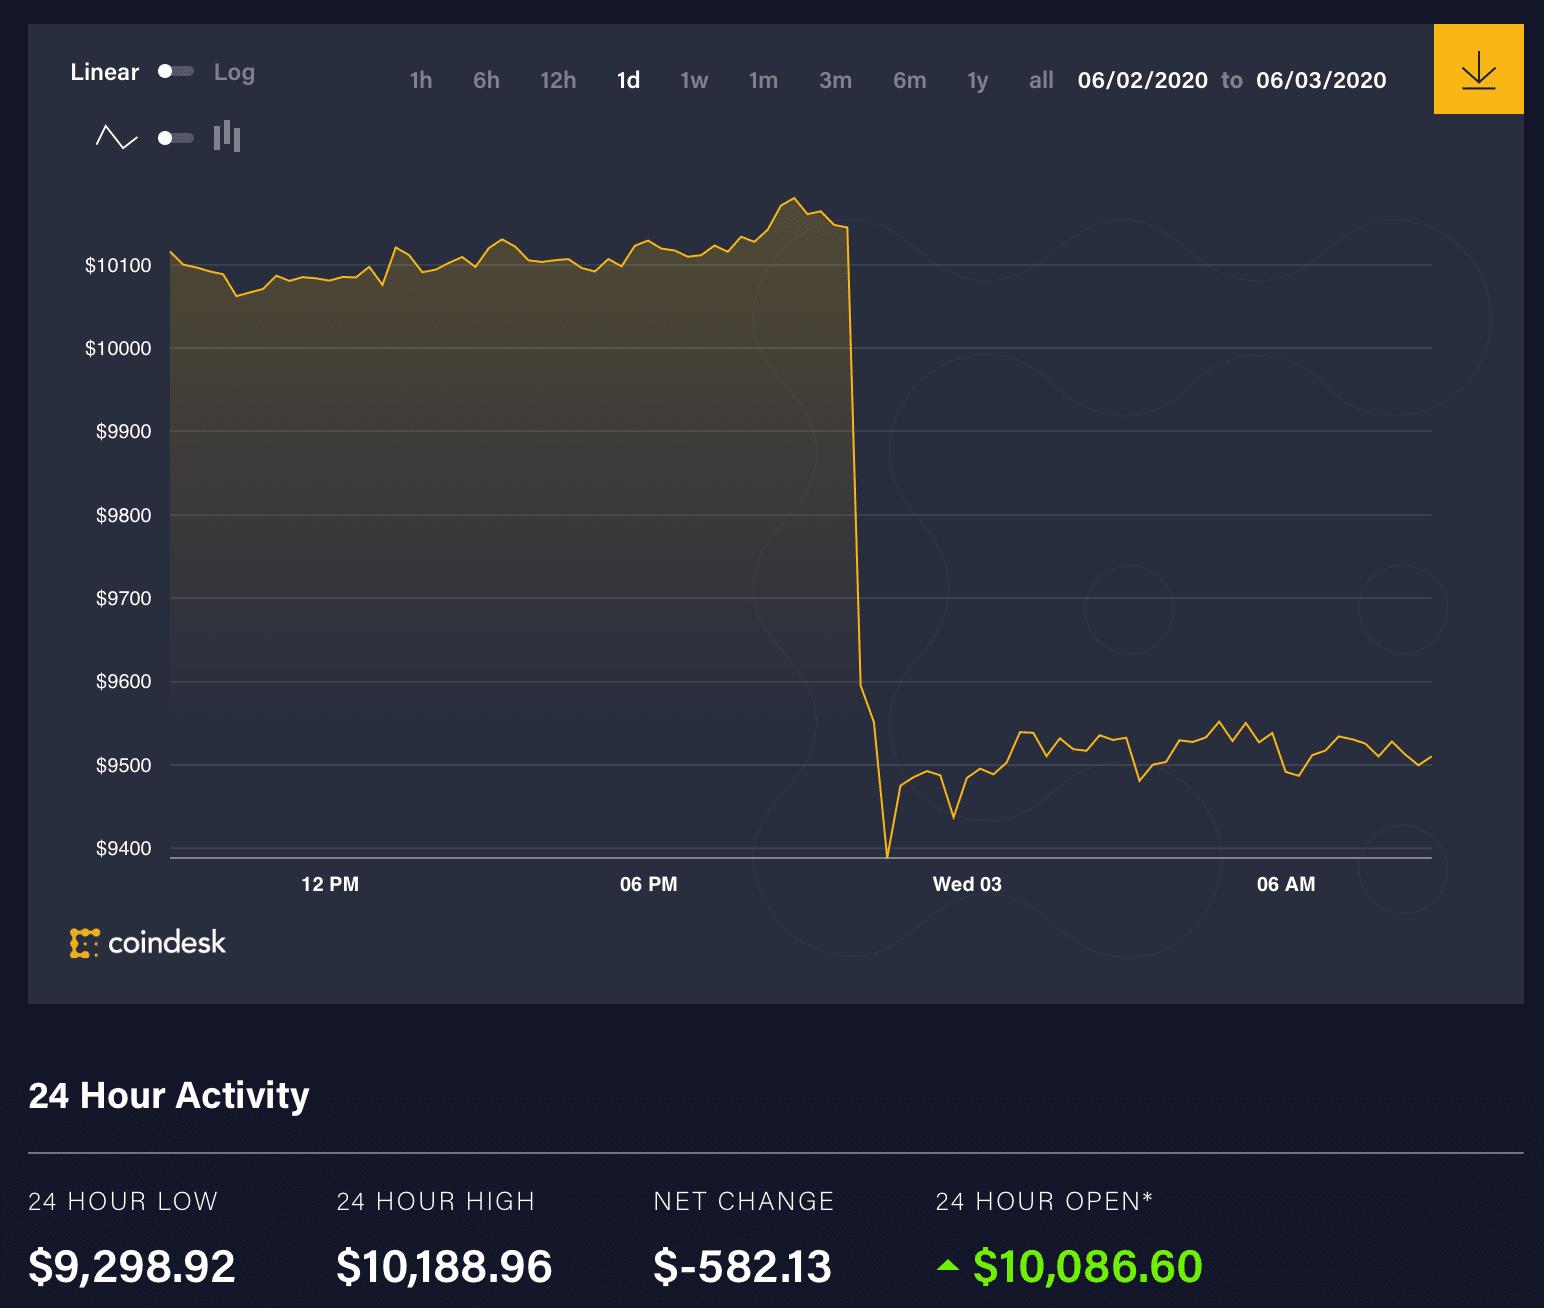 حركة سعر البيتكوين خلال الـ 24 ساعة الماضية